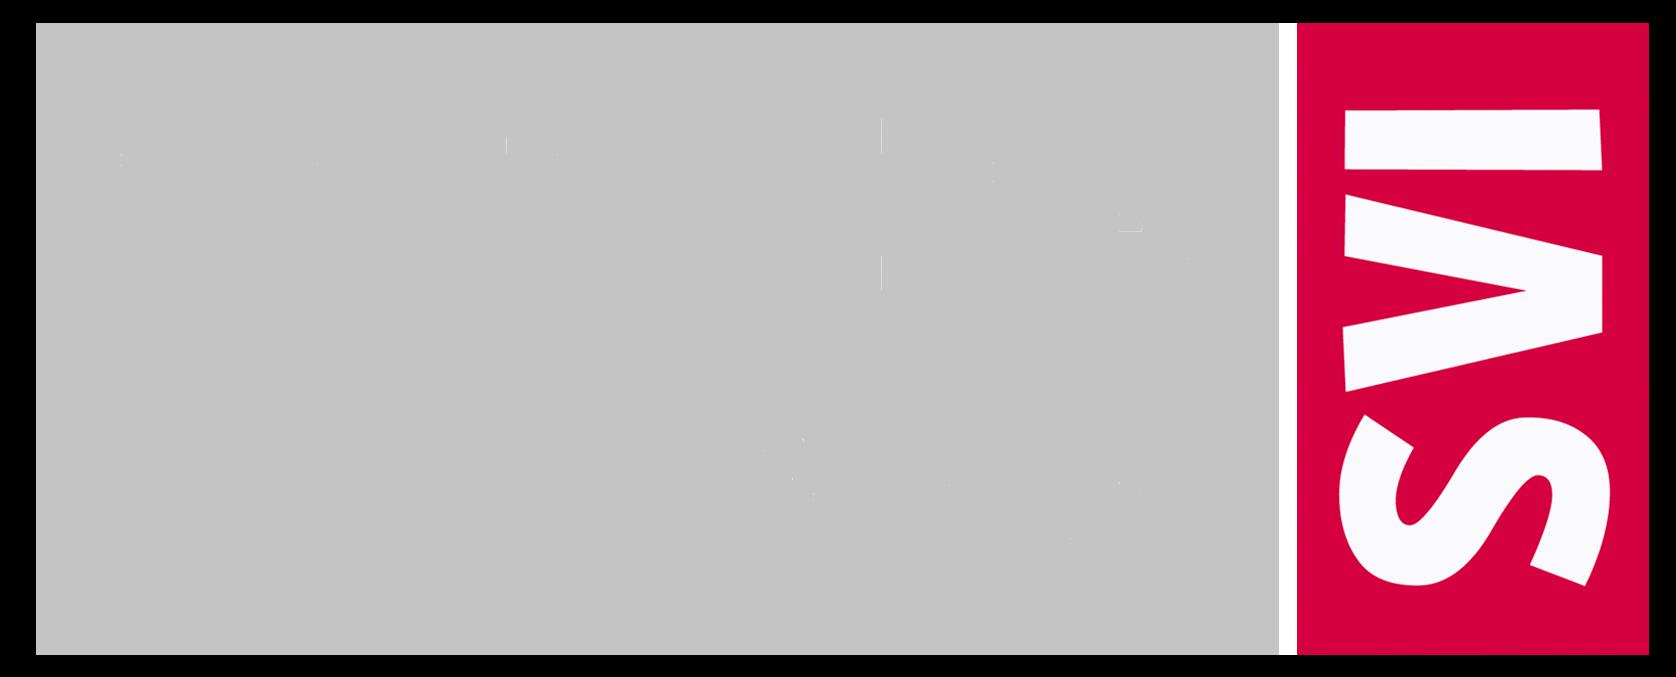 SVIZZERA ITALIANA - Tv. Publirose di Sergio Fresia dopo la Lombardia conclude l'acquisizione dell'LCN 74 in Piemonte. Rilevato anche il 79 in Liguria